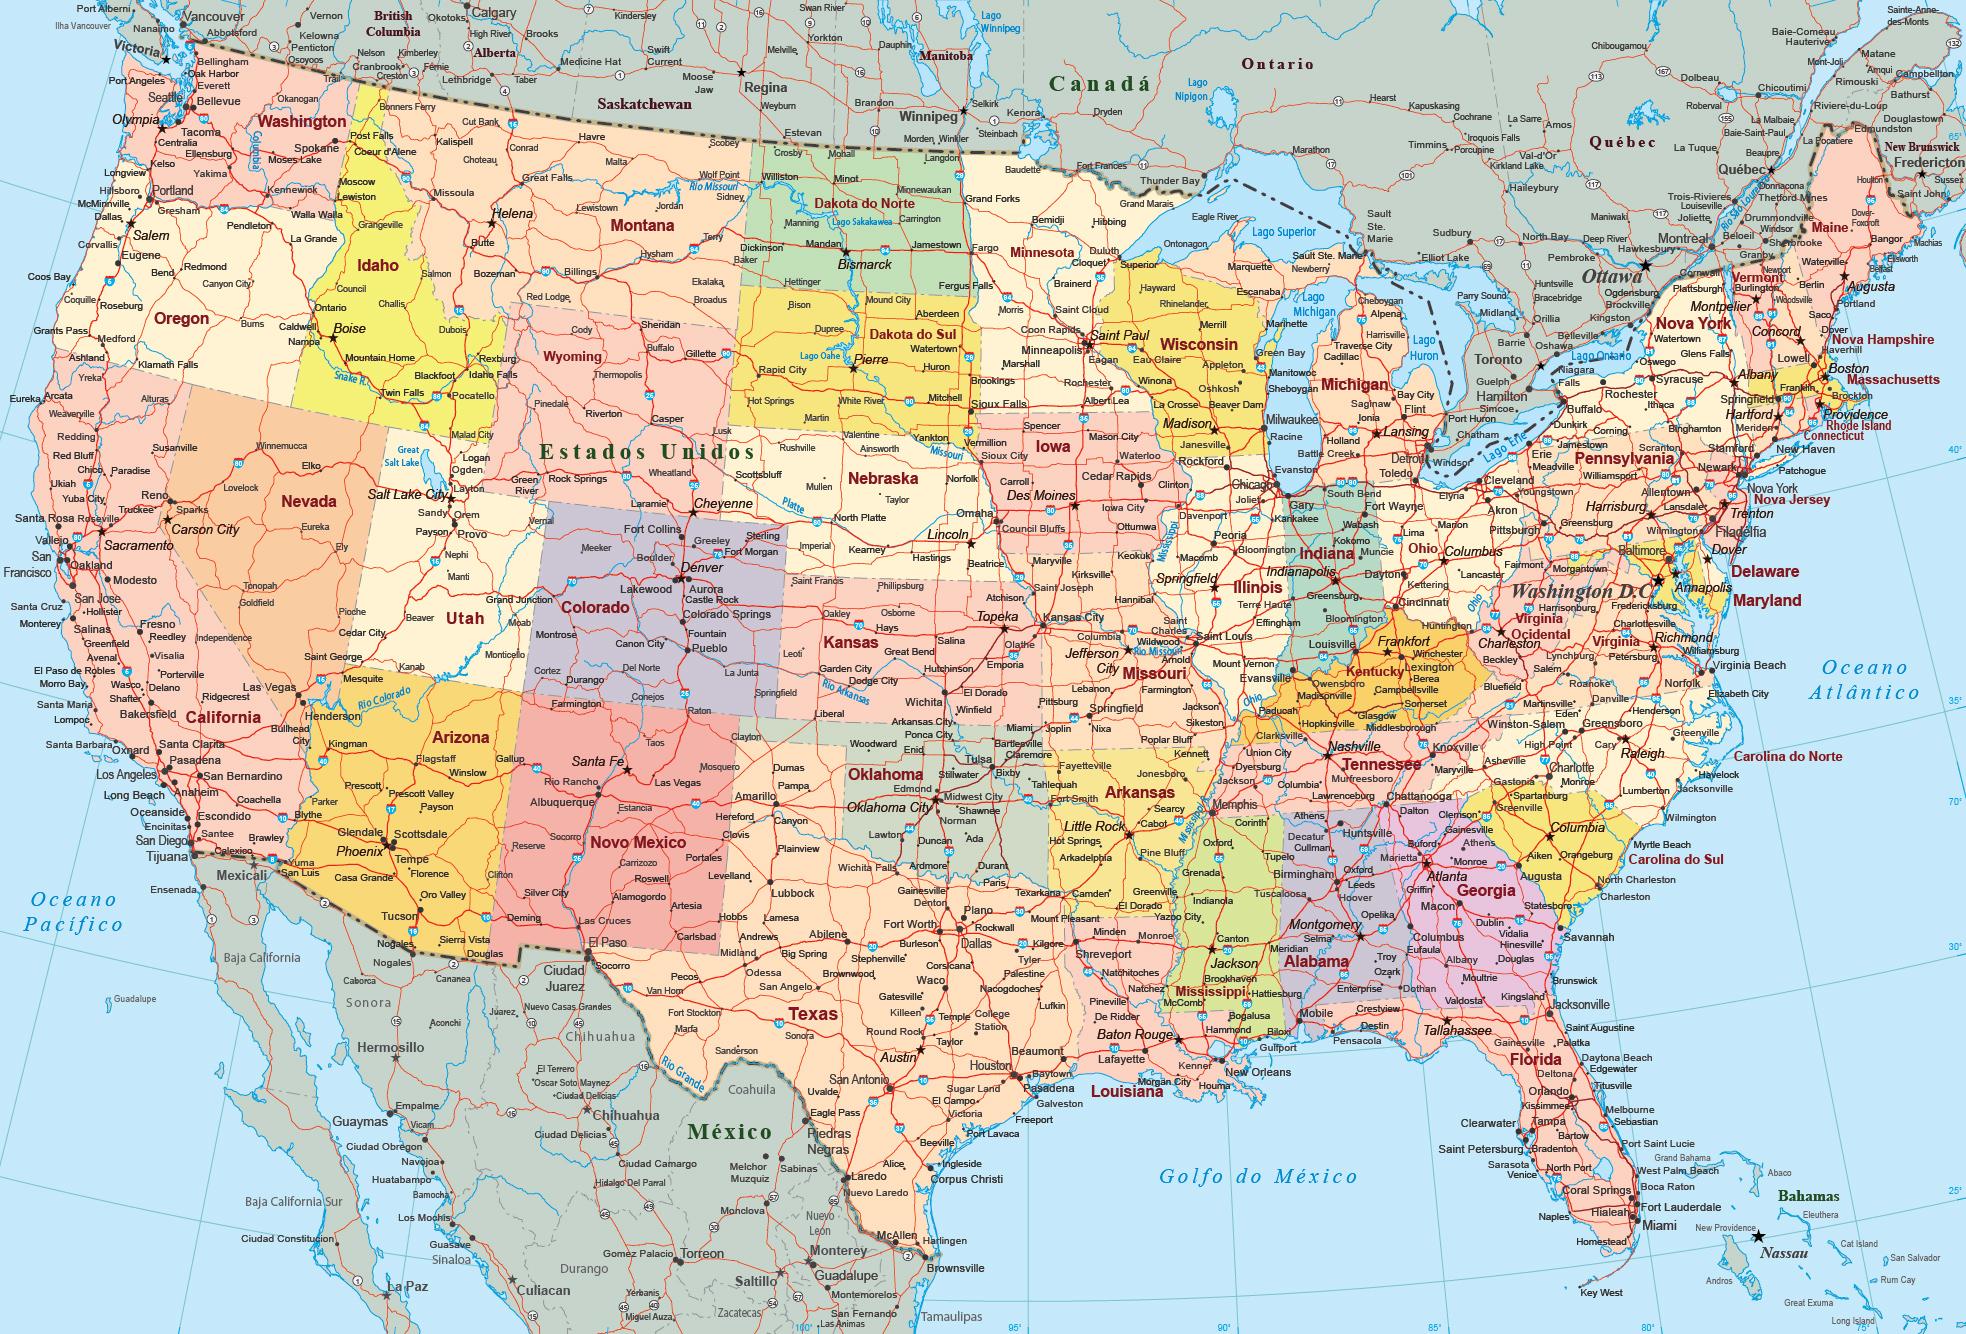 Mapa Politico Estados Unidos.Mapa Estados Unidos Eua